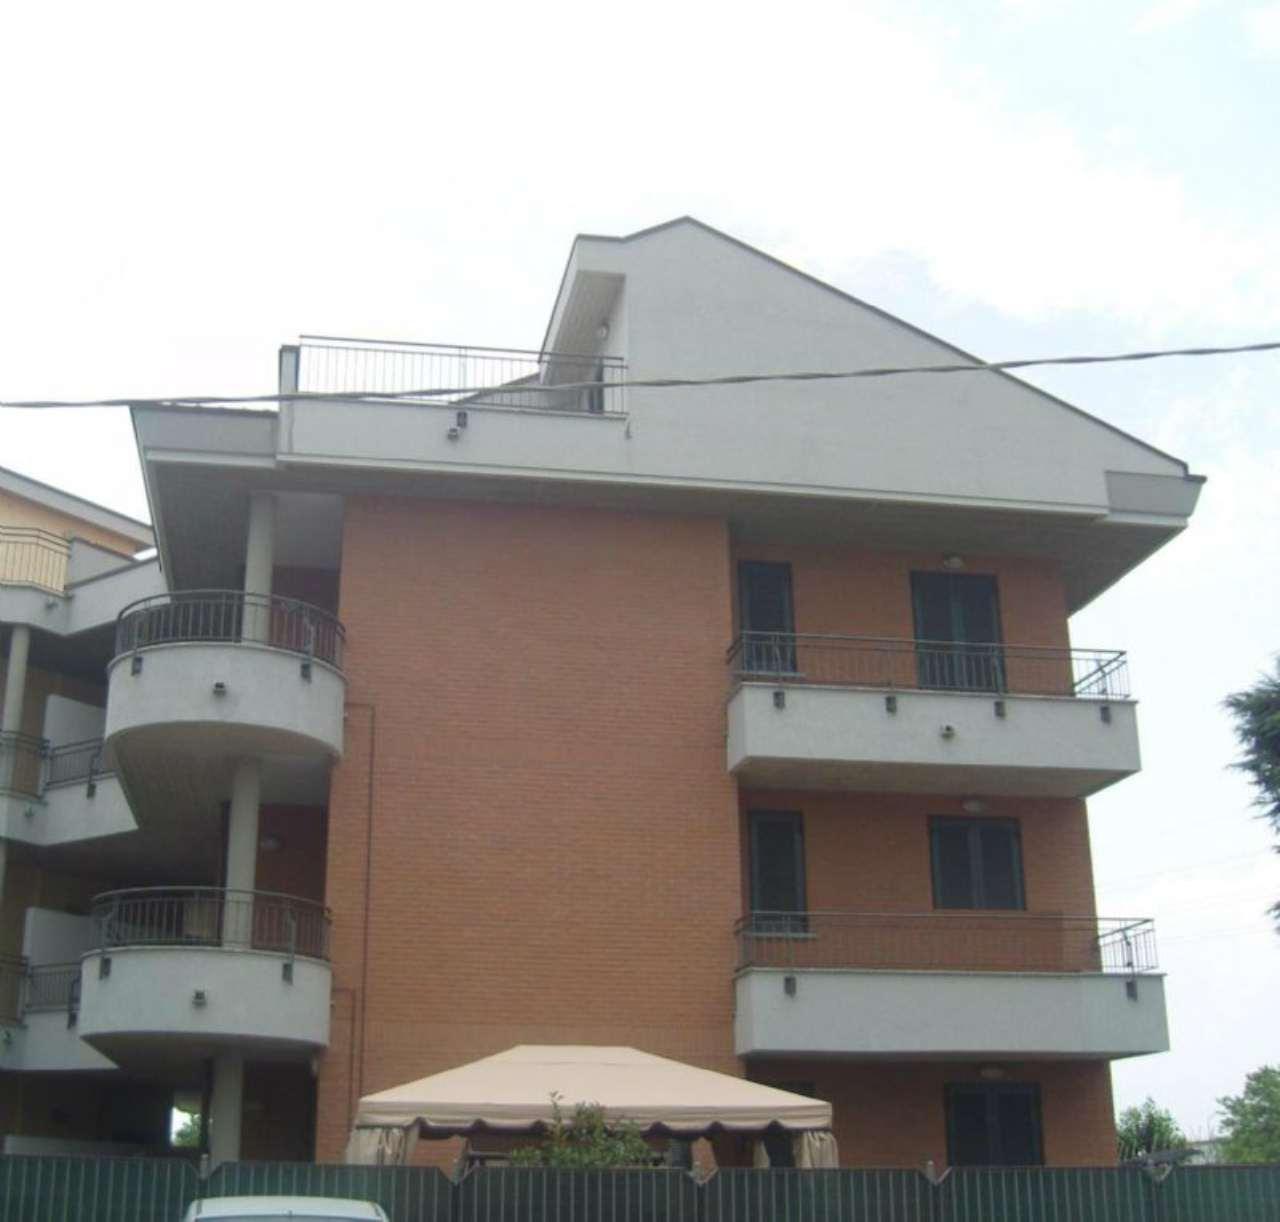 Attico / Mansarda in vendita a Desio, 3 locali, prezzo € 214.000 | Cambio Casa.it